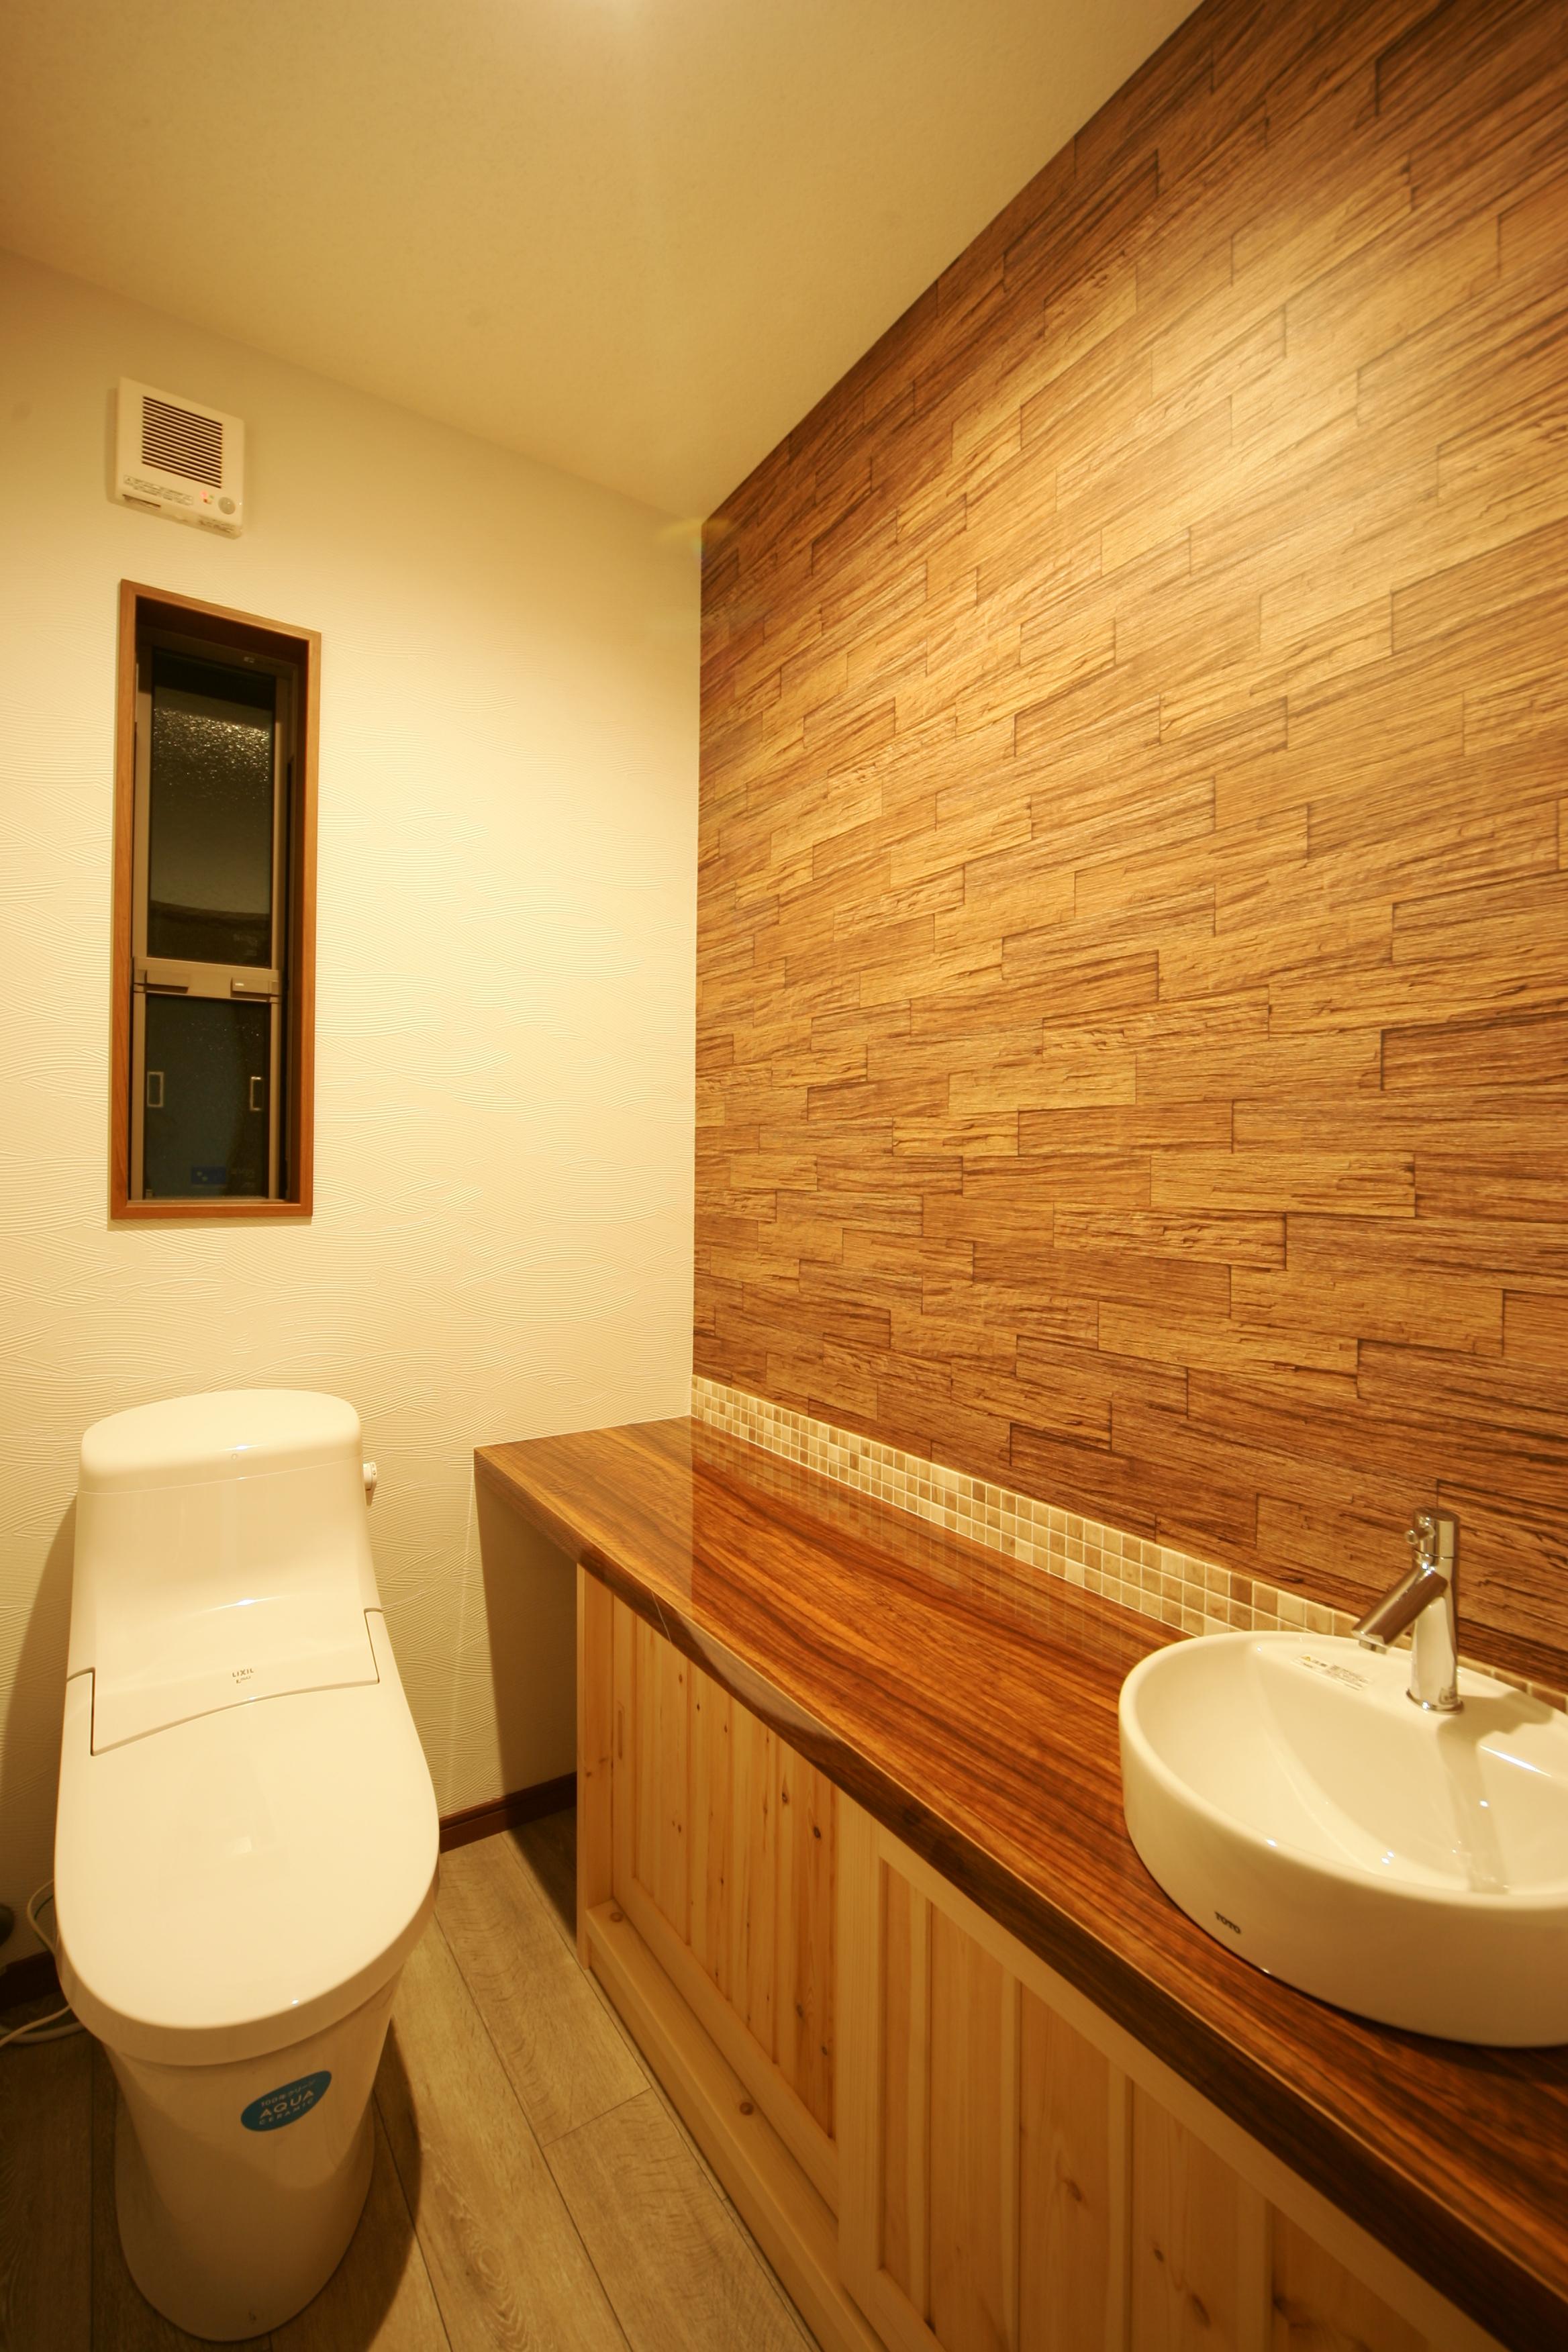 住まいるコーポレーション【子育て、自然素材、間取り】トイレのカウンターにはカリンの鏡面仕上げを用い、個性的で洗練された空間にデザイン。壁のクロスや床のクッションフロアのコーディネートにもこだわりが感じられる